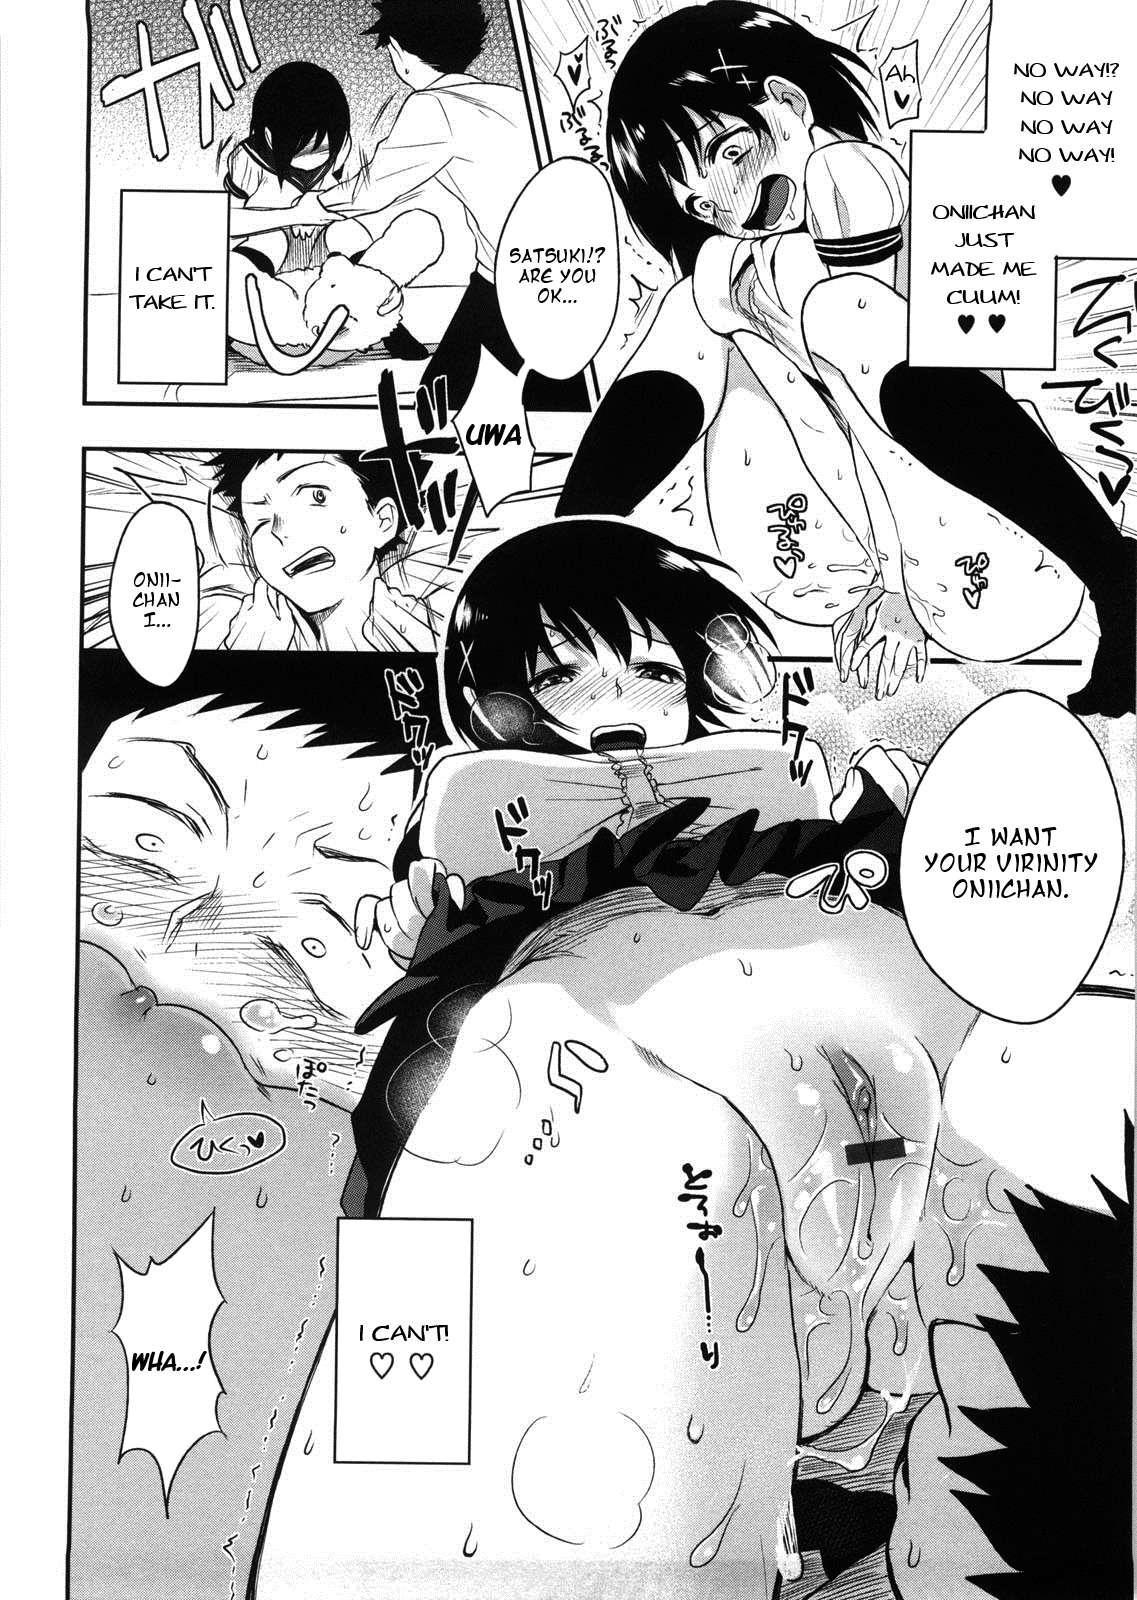 Yosugara Sexology 1-6 English 67